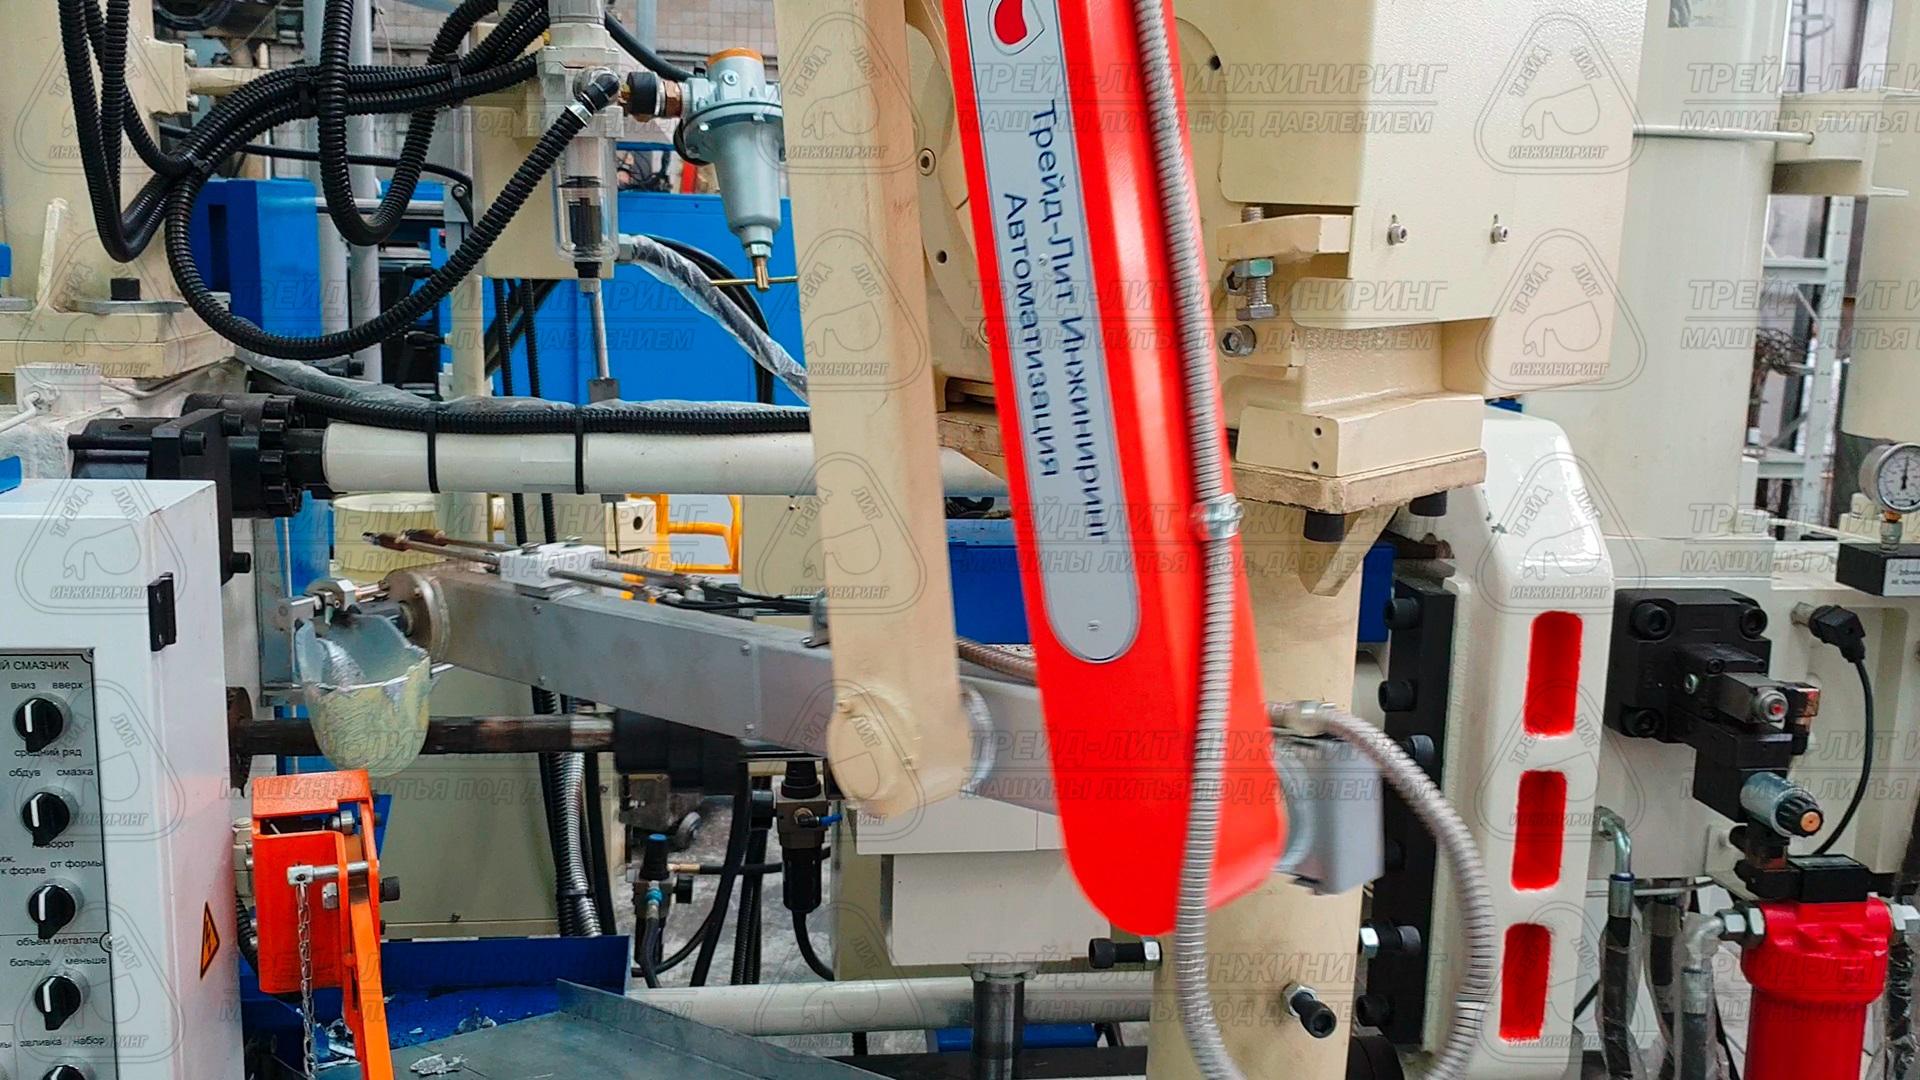 Манипулятор-заливщик, работающий в составе автоматизированного комплекса литья под давлением MS160, вес заливаемого алюминия до 3,5 кг.